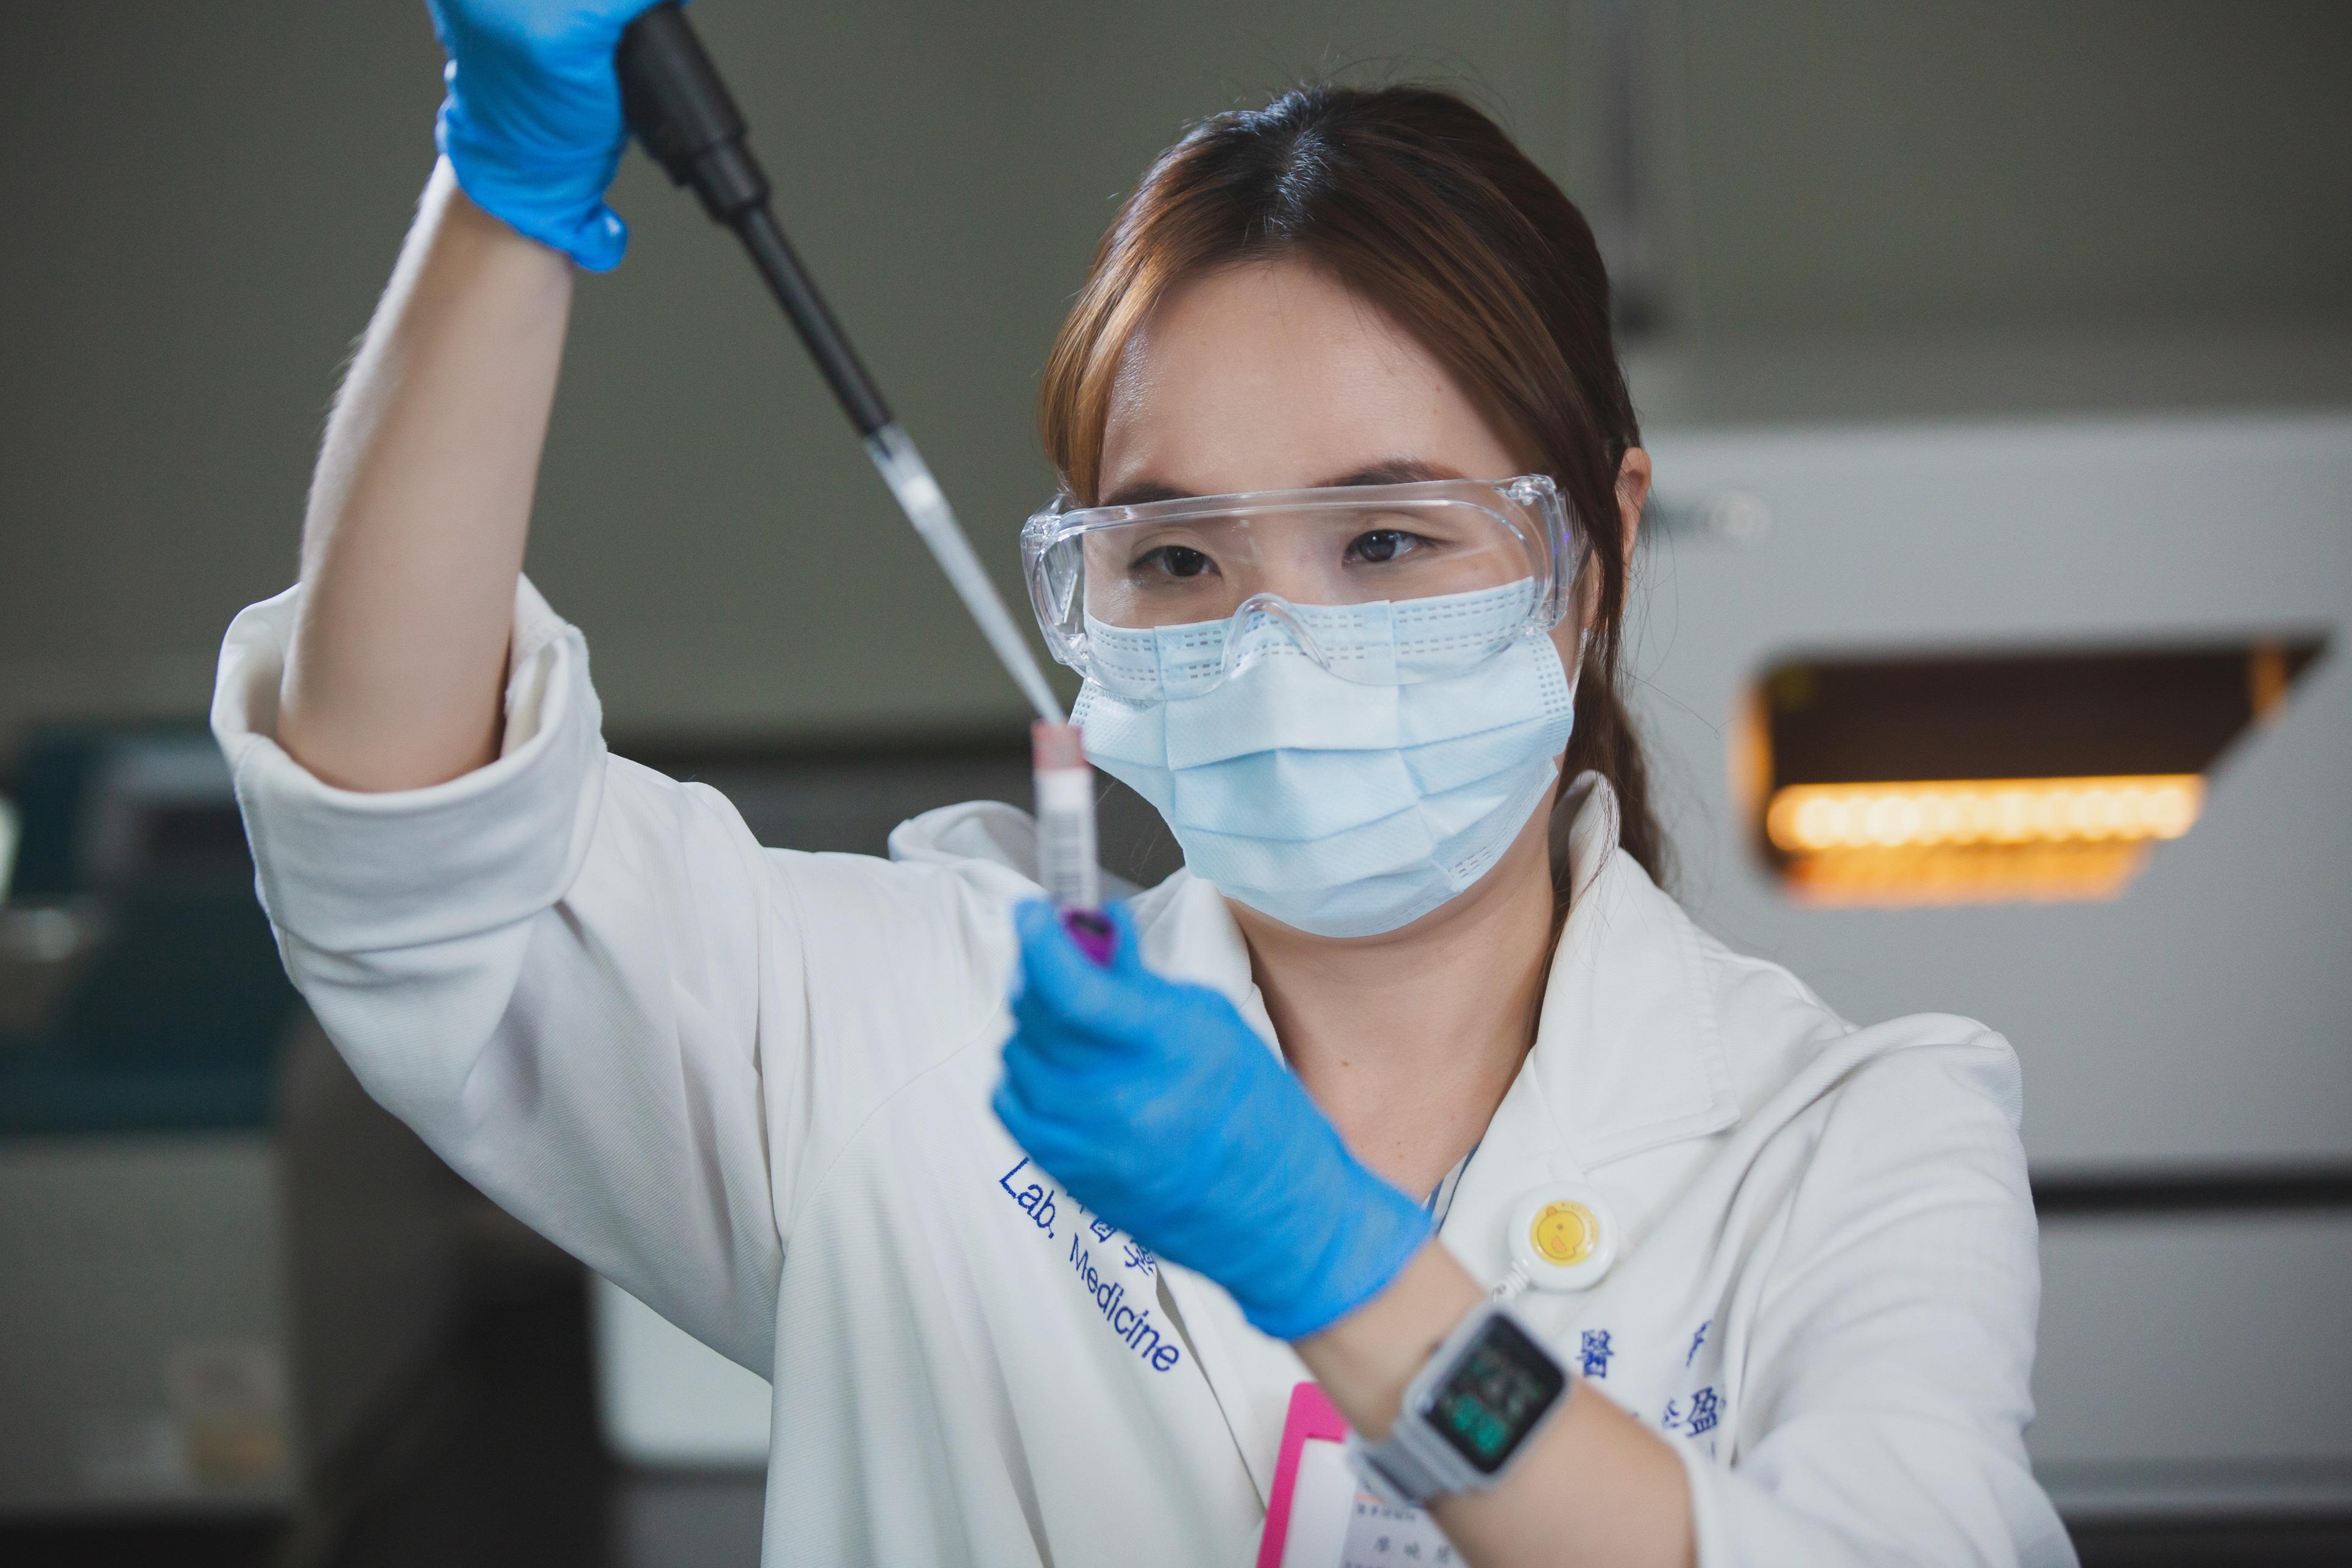 吉蔚精準檢驗提供臨床導向之高品質檢測服務